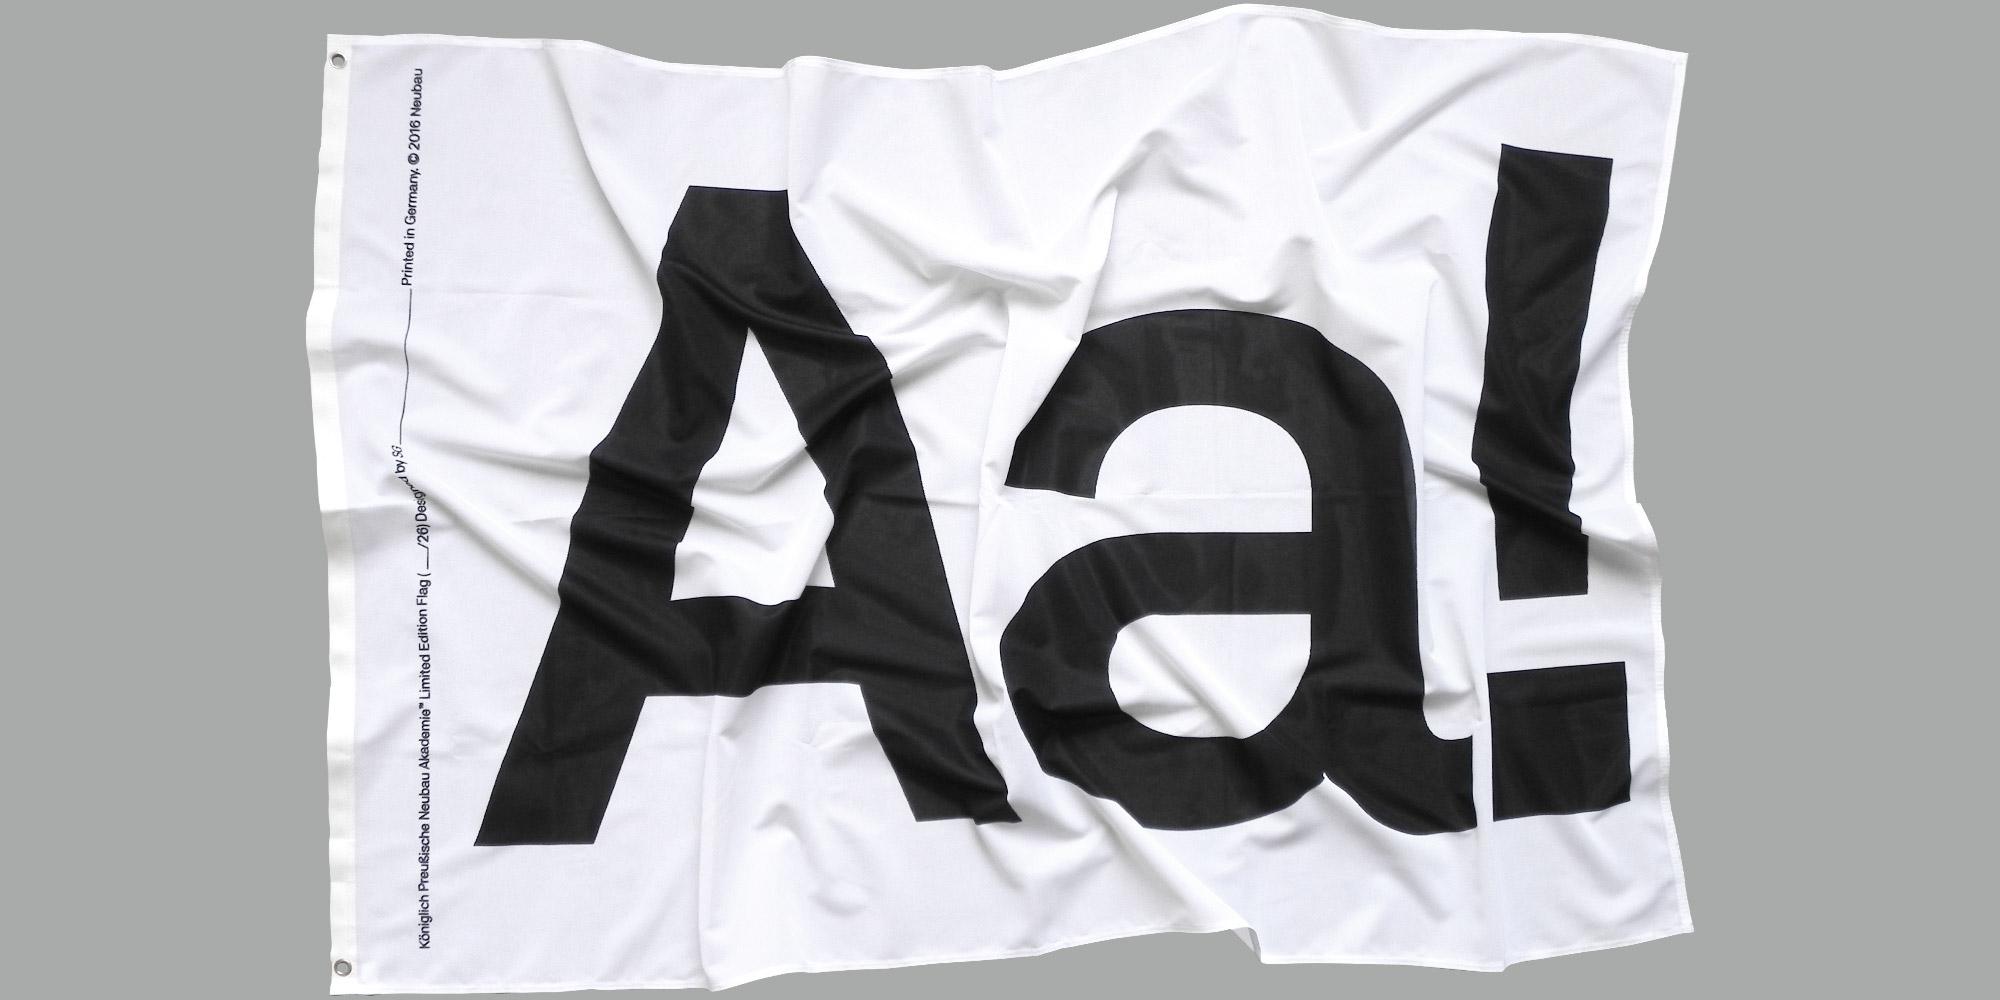 NB_Akademie_Flagge